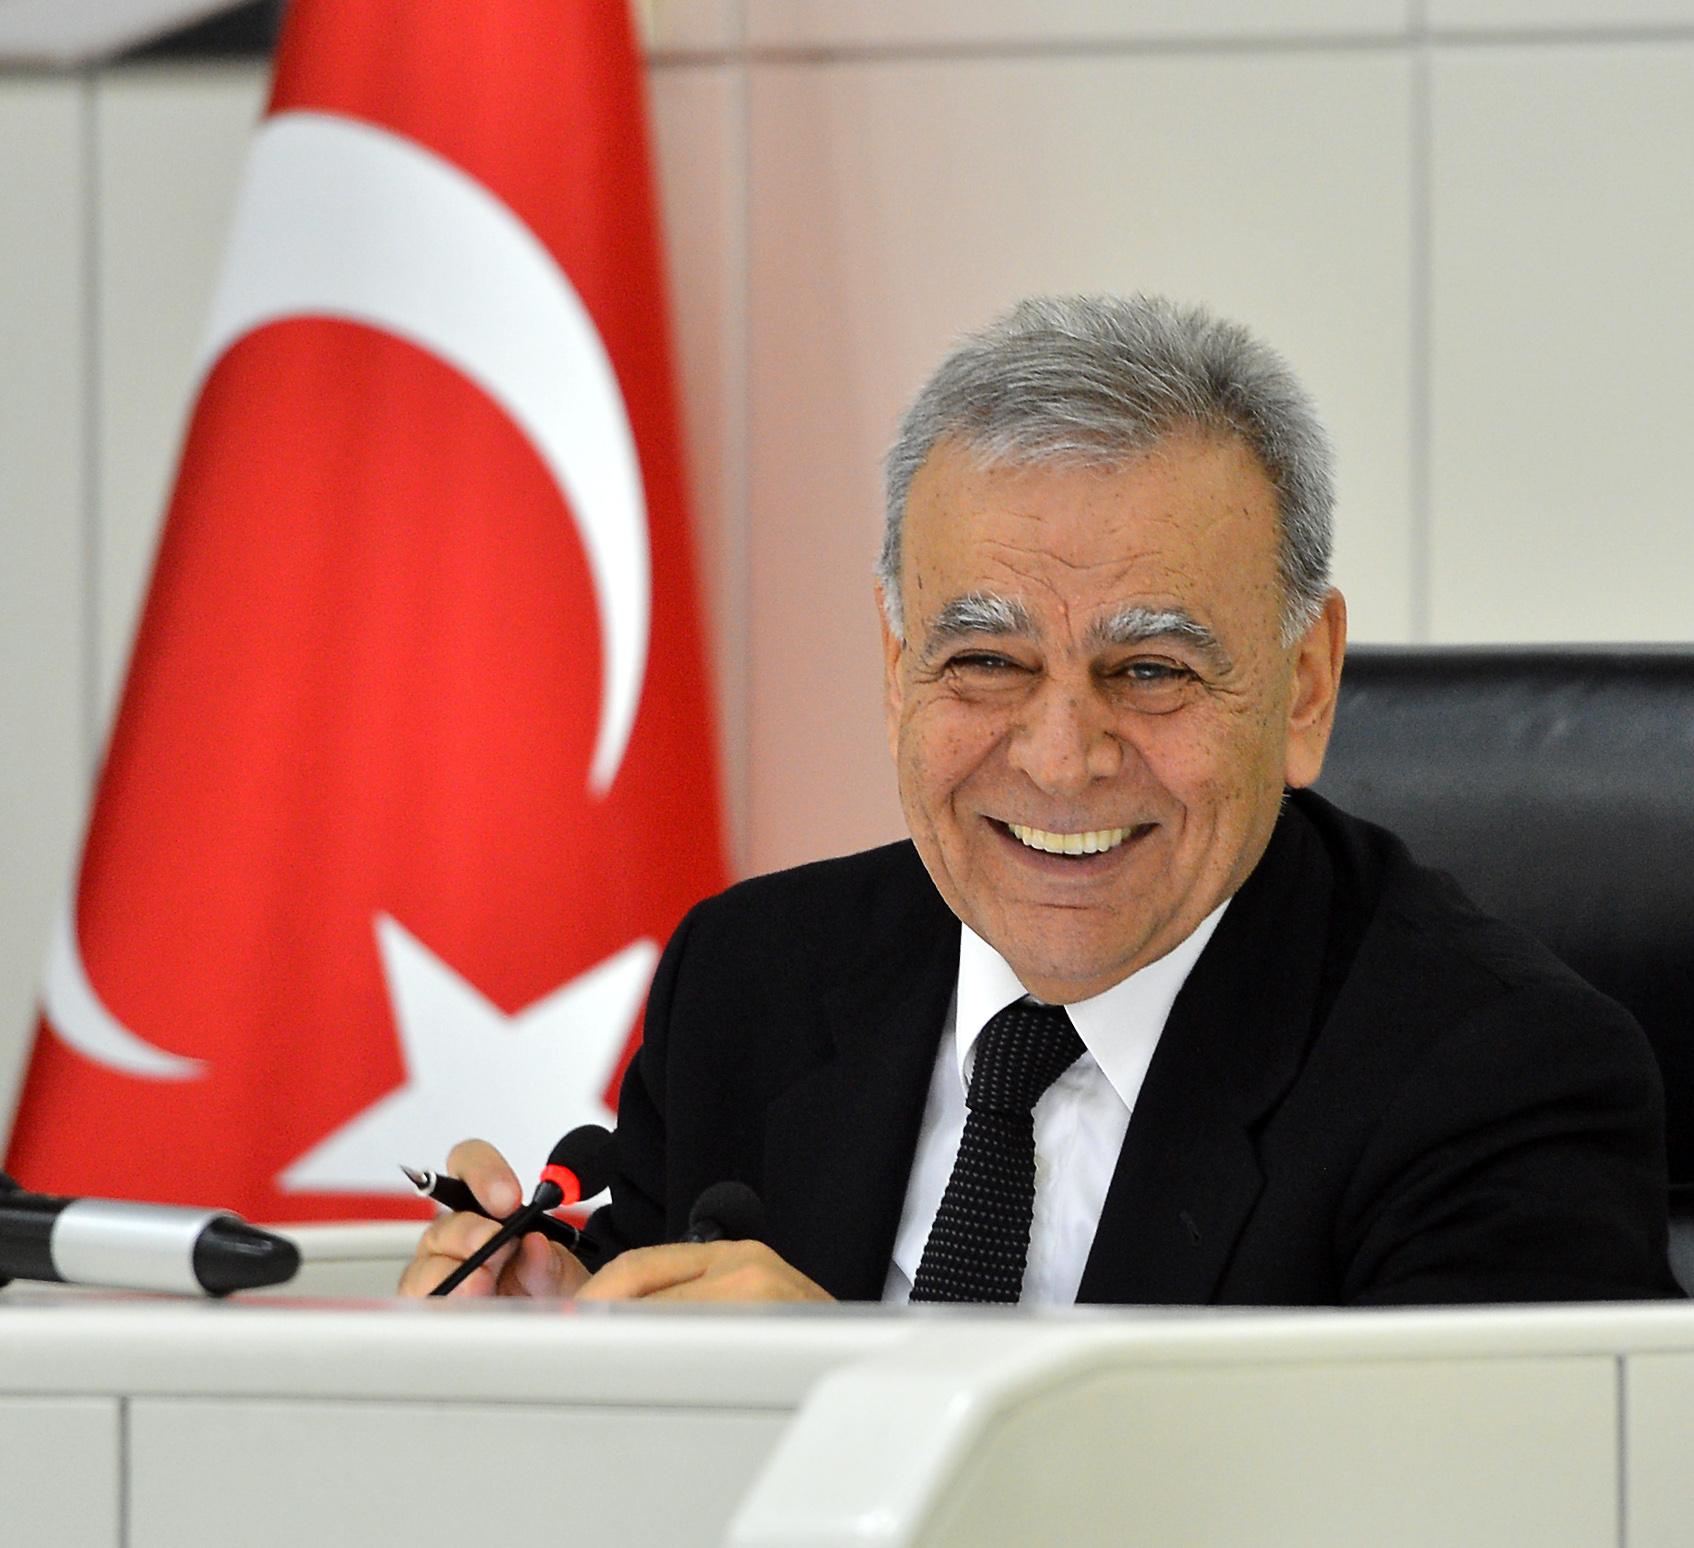 http://resimler.izmir-bld.gov.tr/upload/picture/s124221.jpg